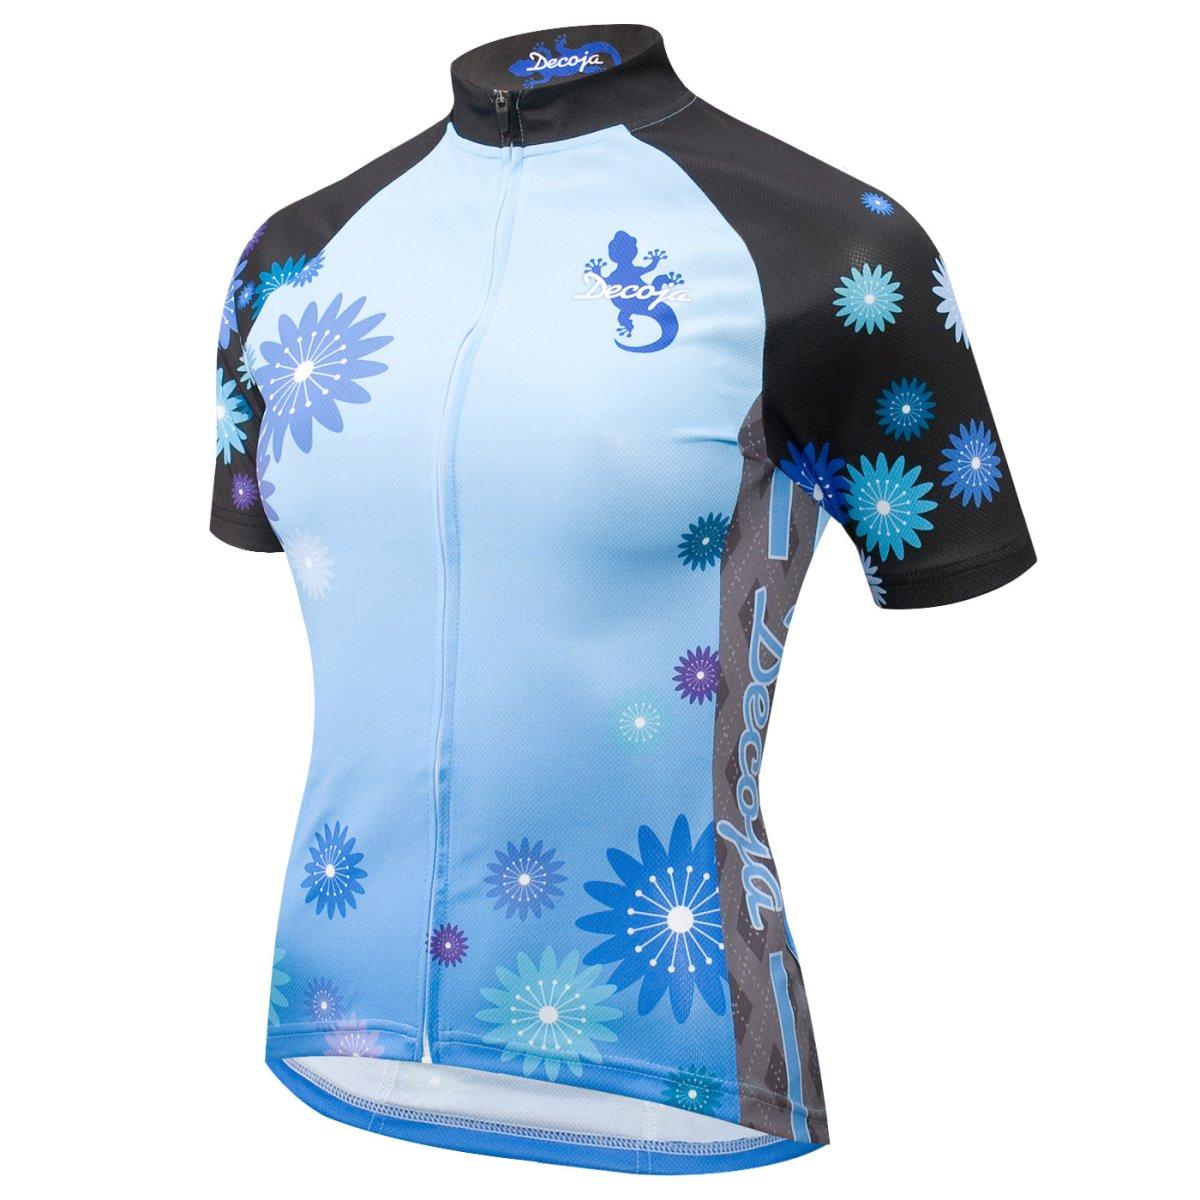 a00e68f3d3776b DECOJA レディース半袖 Malibu(27124)[送料無料] サイクルウェア 自転車ウェア サイクルジャージ